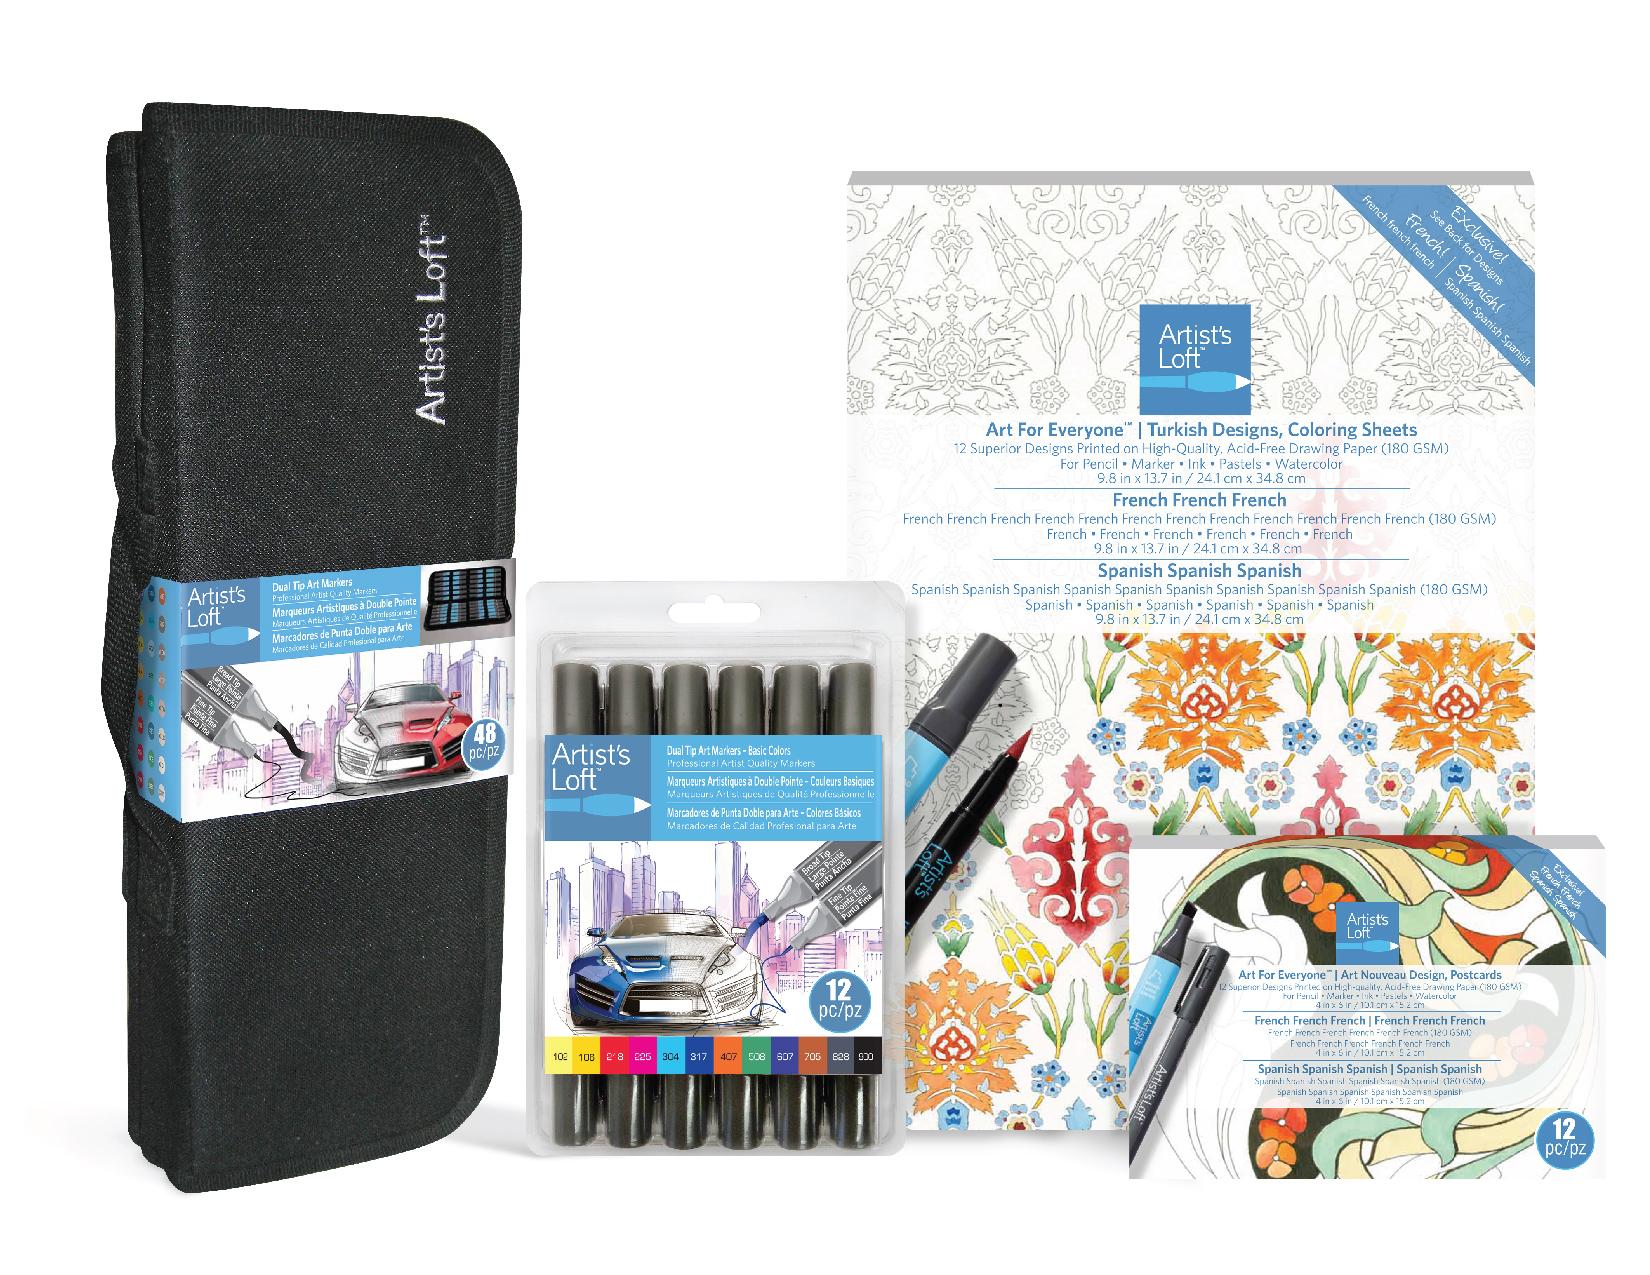 MX14_1405141 - Artist Loft Markers